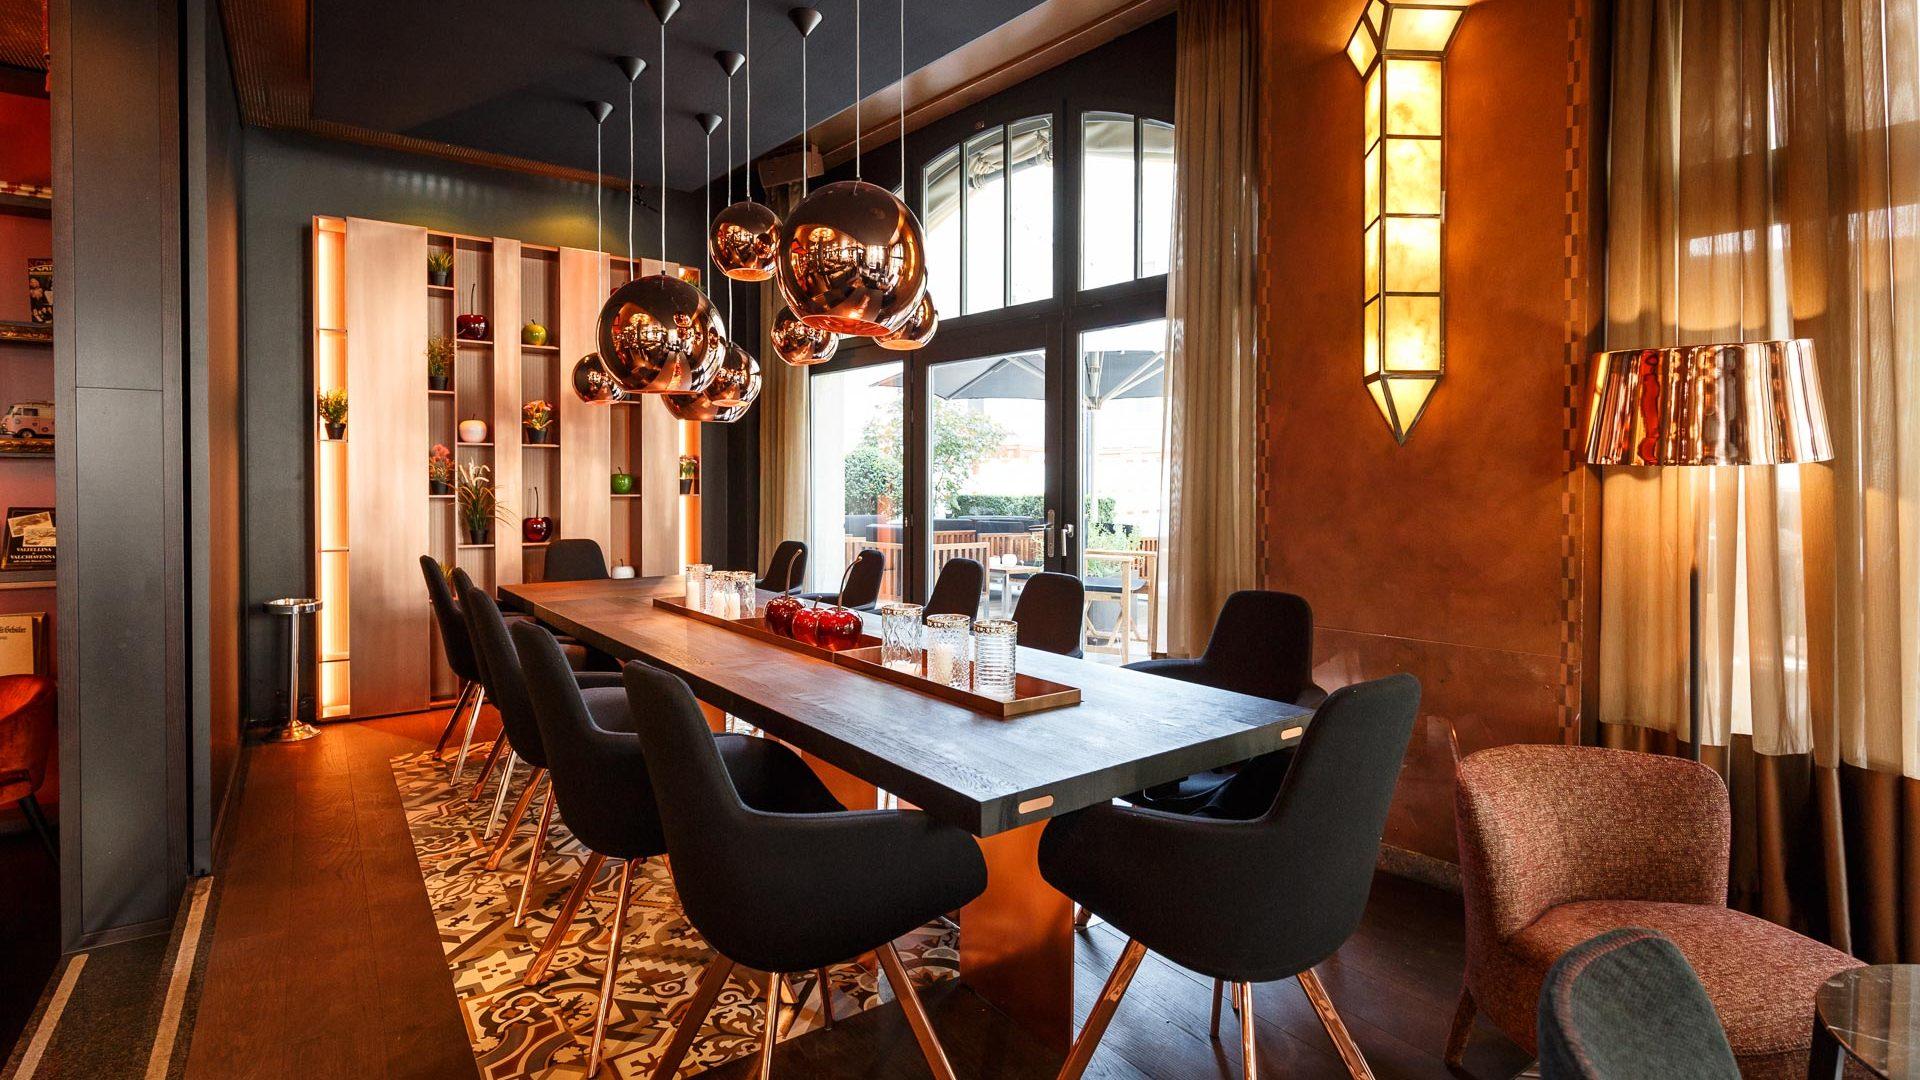 Boardroom mit Kupfertisch